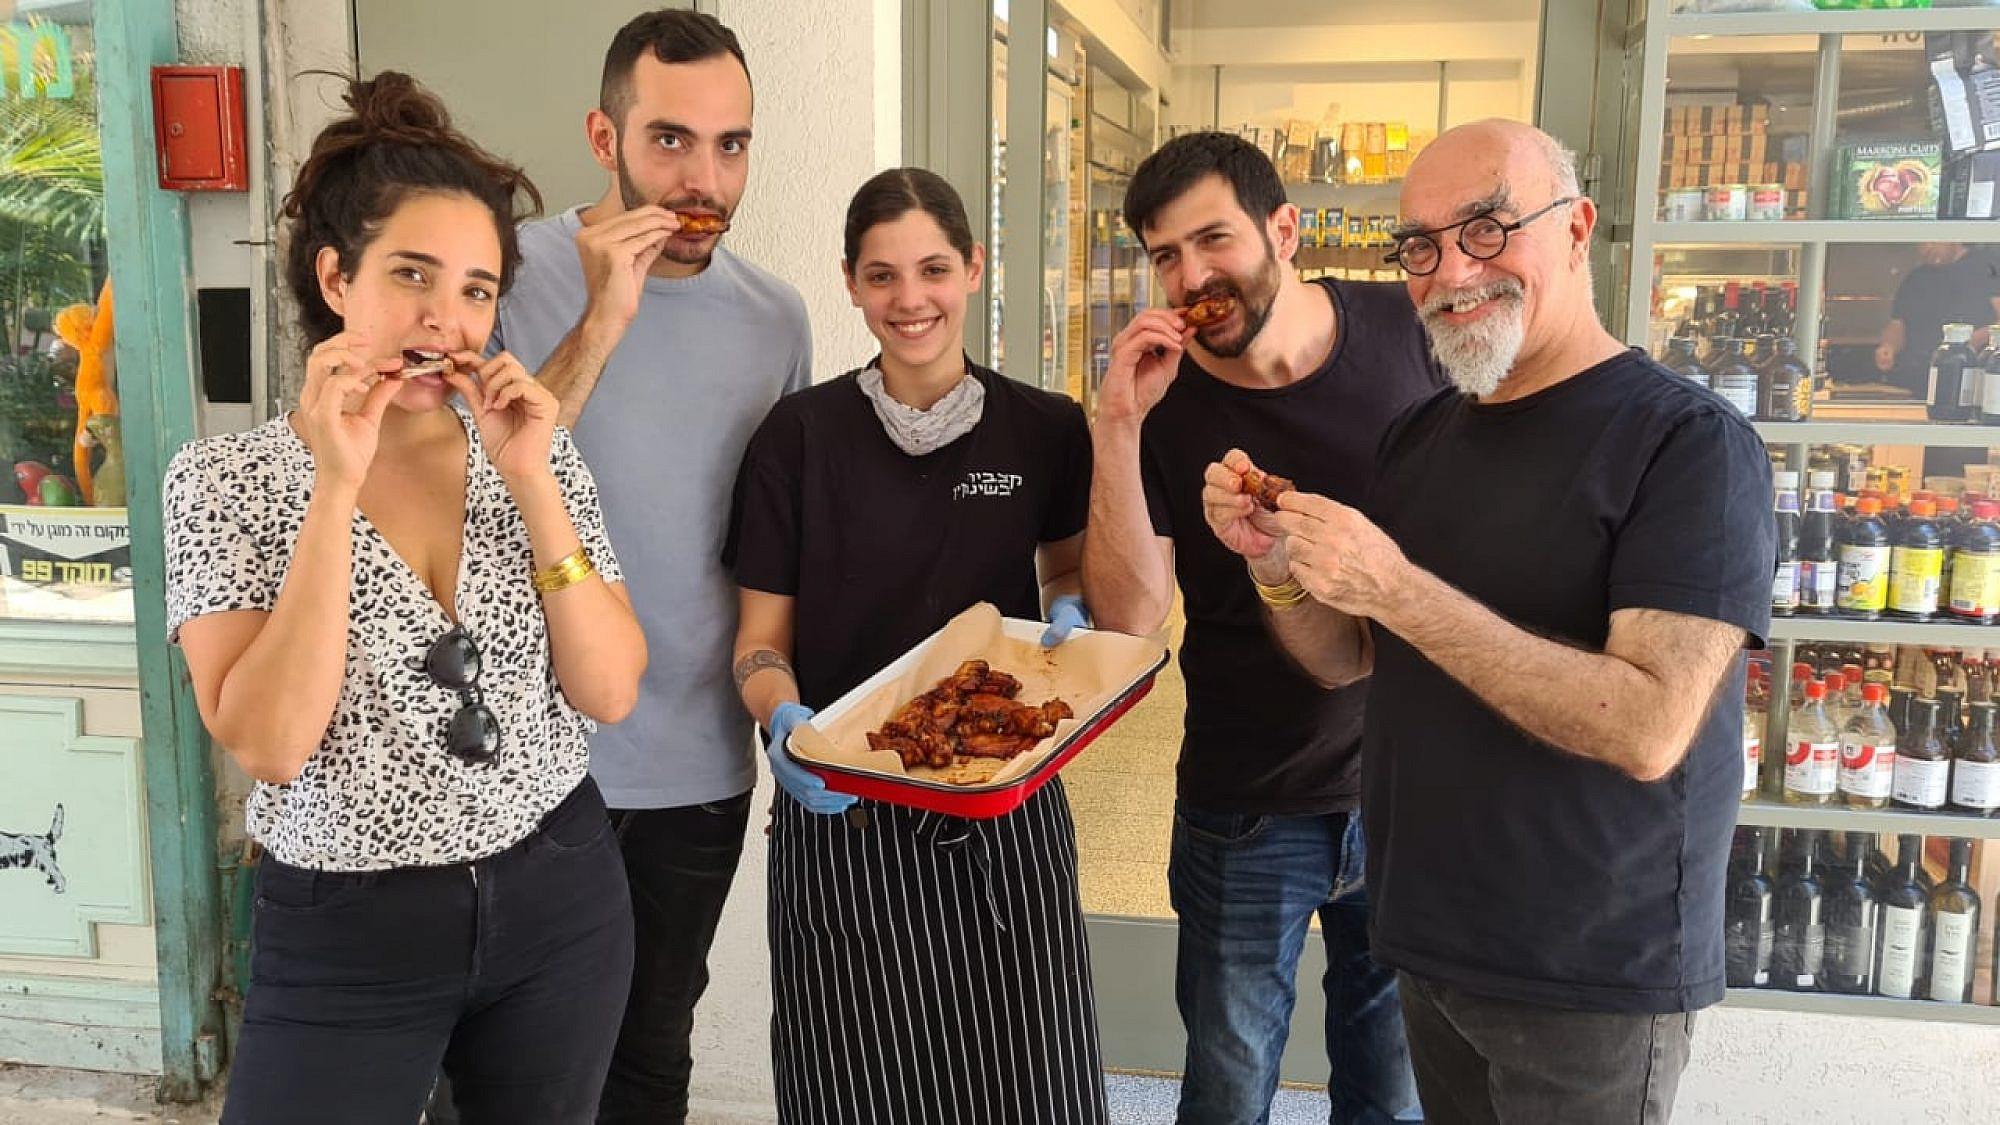 מימין לשמאל: ישראל אהרוני, יובל לוי, חן לוינשטיין, אורי אהרוני ותמרה אהרוני